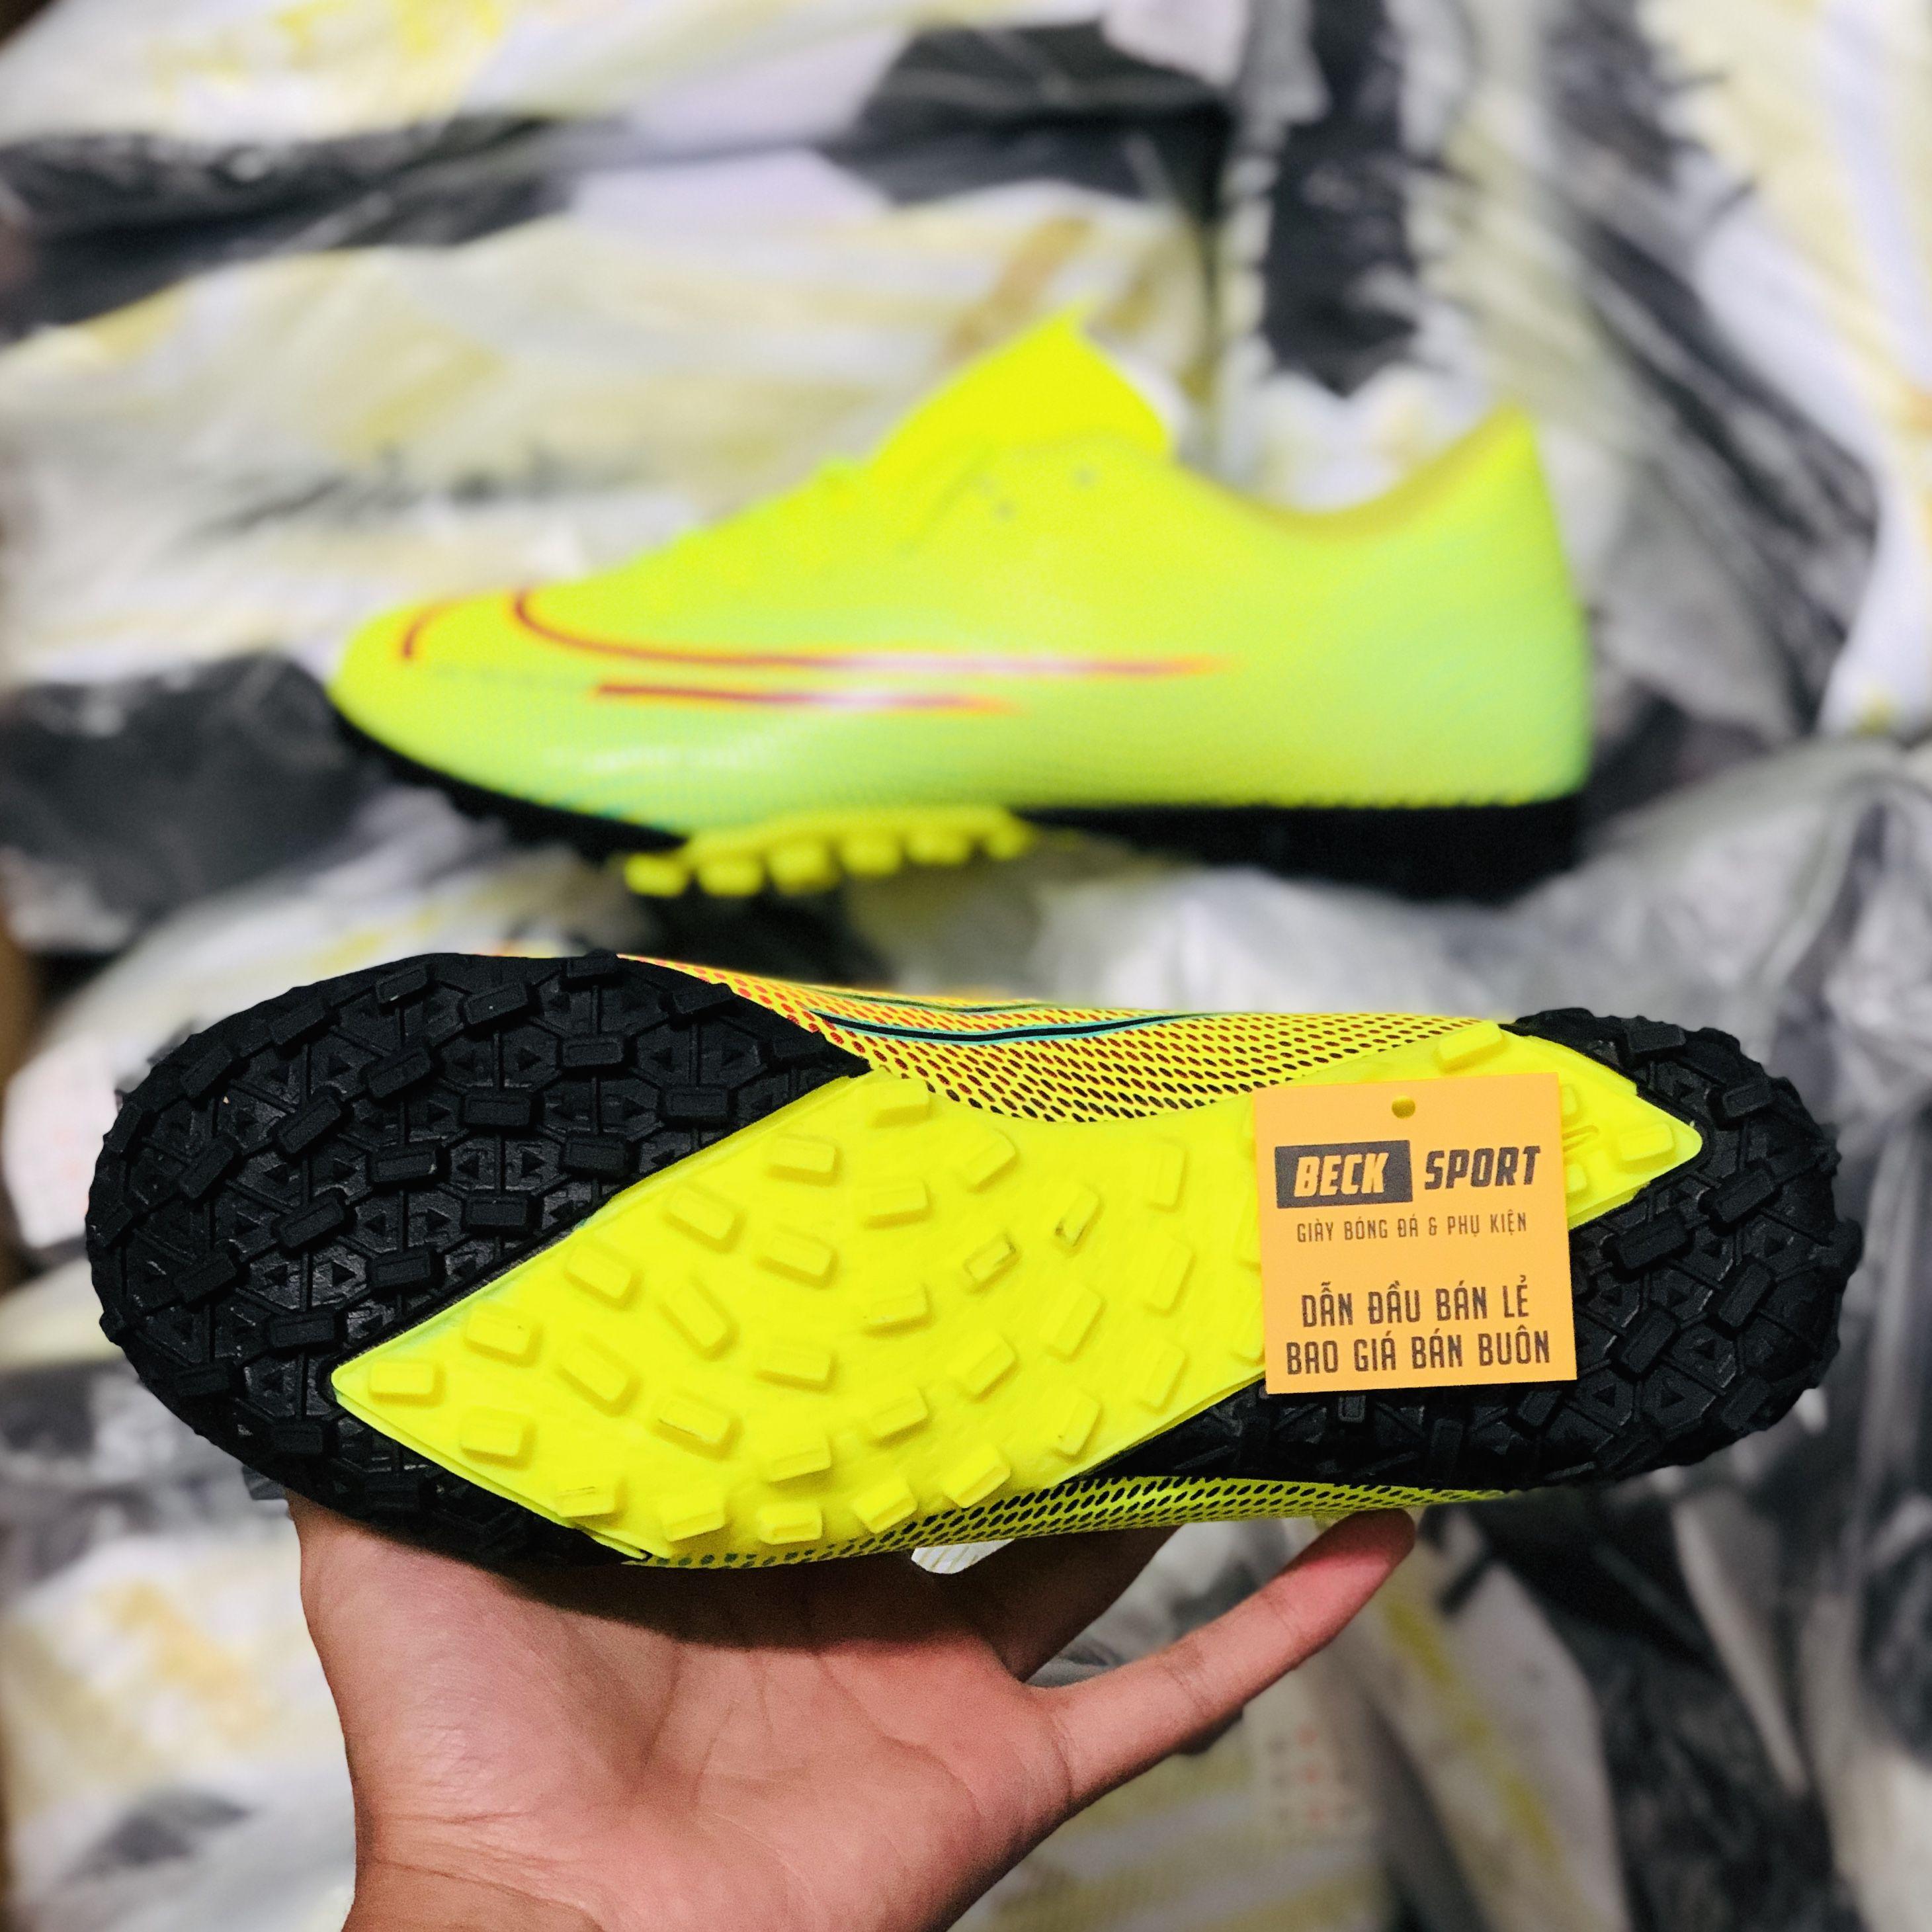 Giày Bóng Đá Nike Mercurial Vapor 13 Academy Dream Speed Nõn Chuối Xanh Ngọc Vạch Đen TF